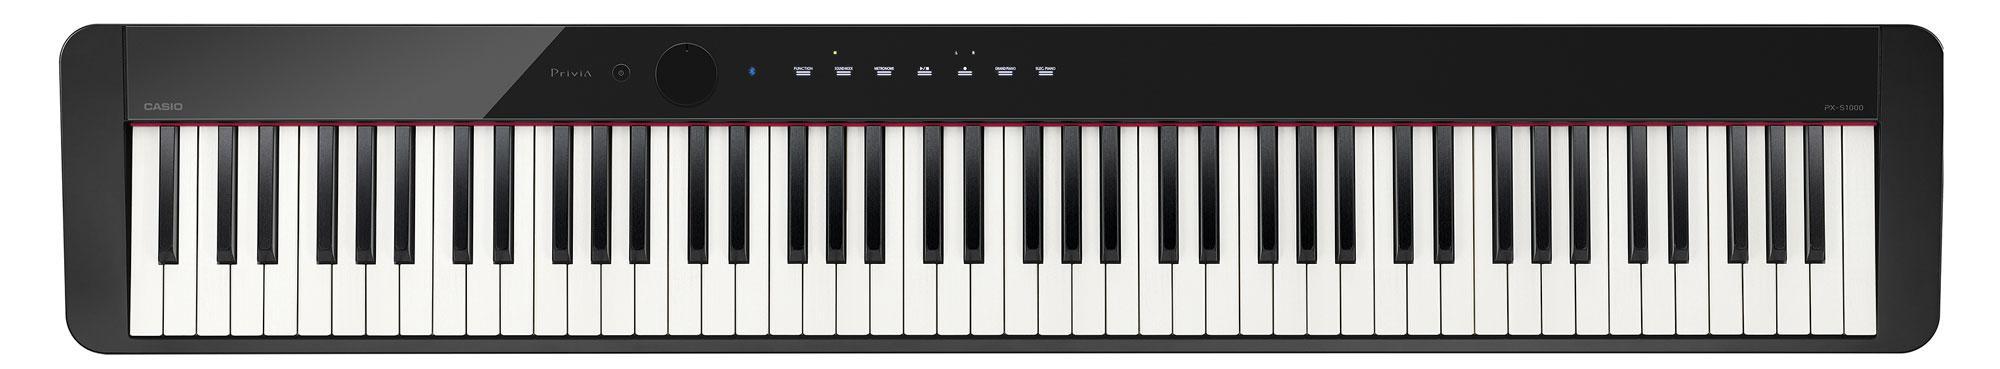 Stagepianos - Casio PX S1000 BK Privia Digitalpiano Schwarz - Onlineshop Musikhaus Kirstein